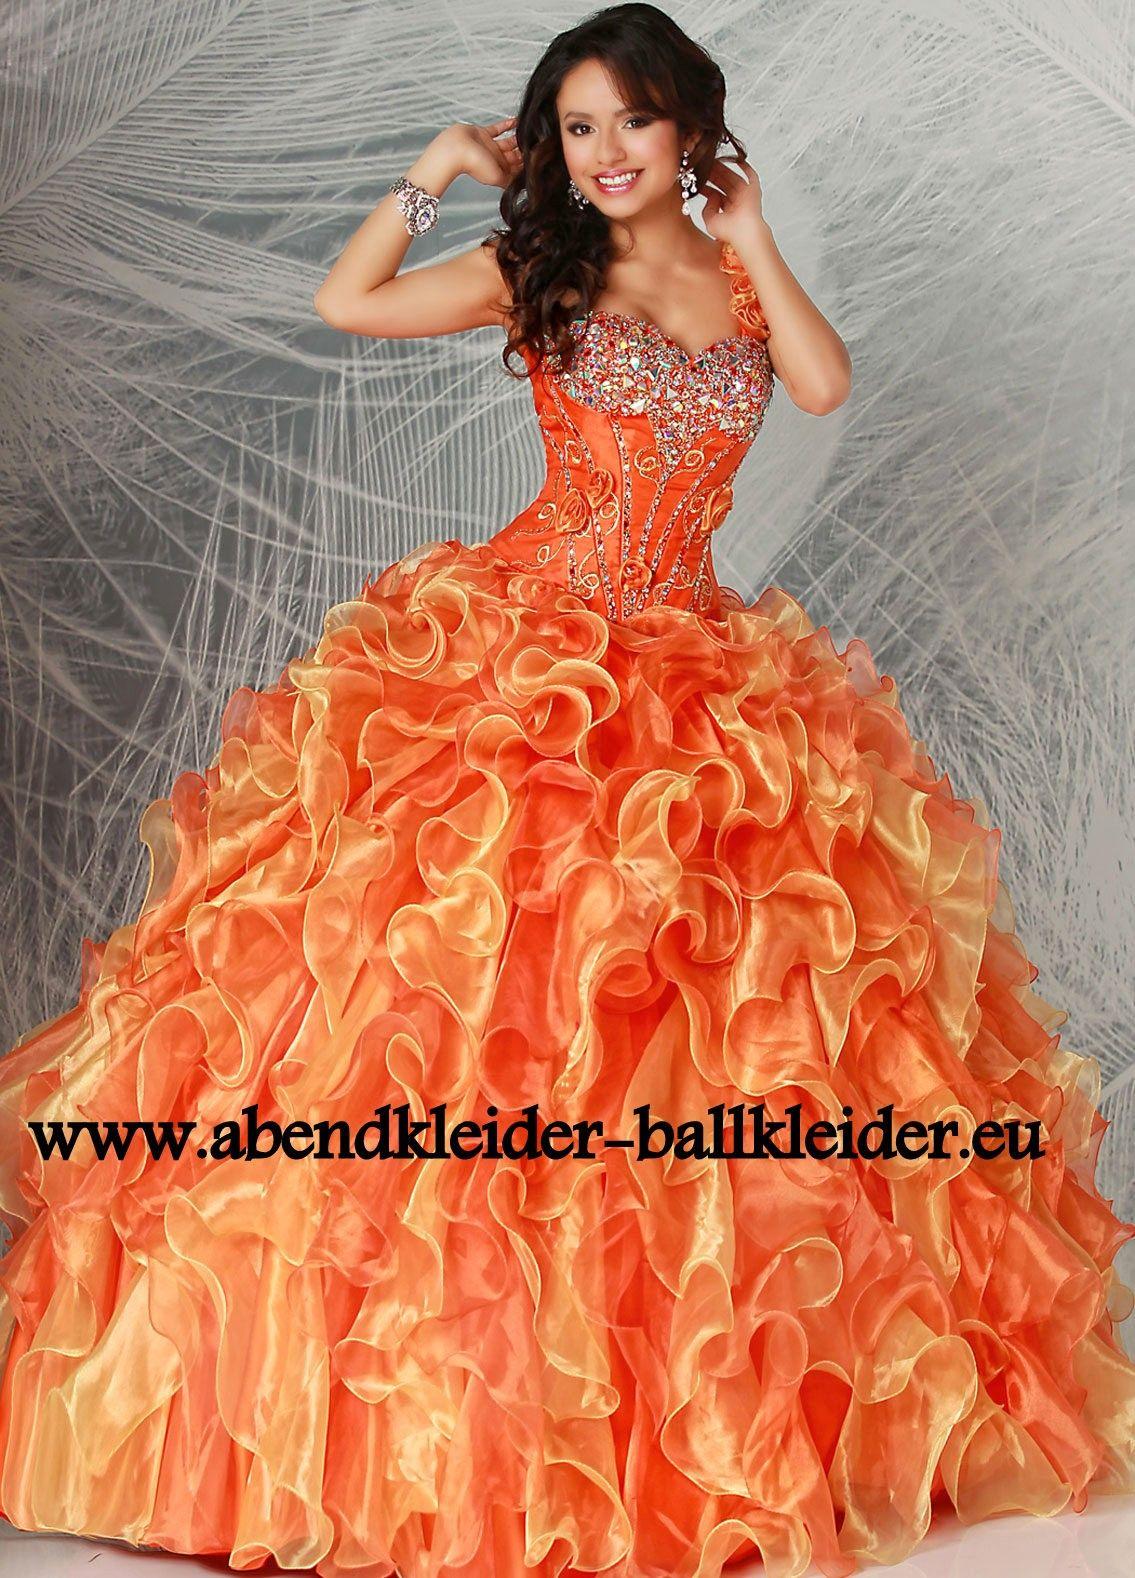 Cinderella Abendkleid Ballkleid Online in Orange  Ballkleid